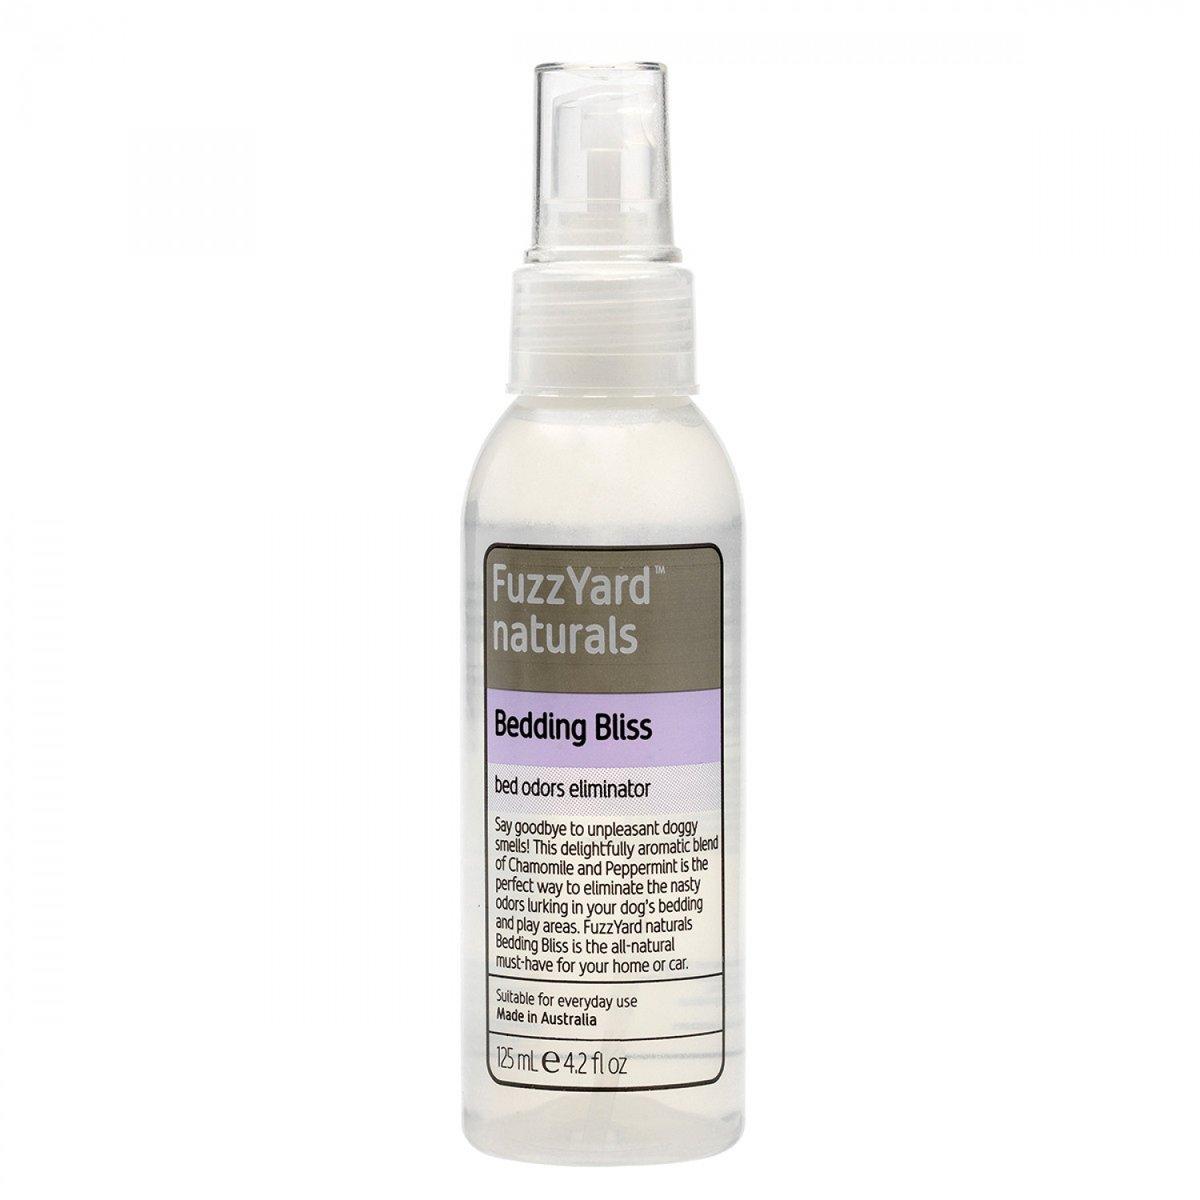 Bed Odors Eliminator Bedding Bliss  125 ML